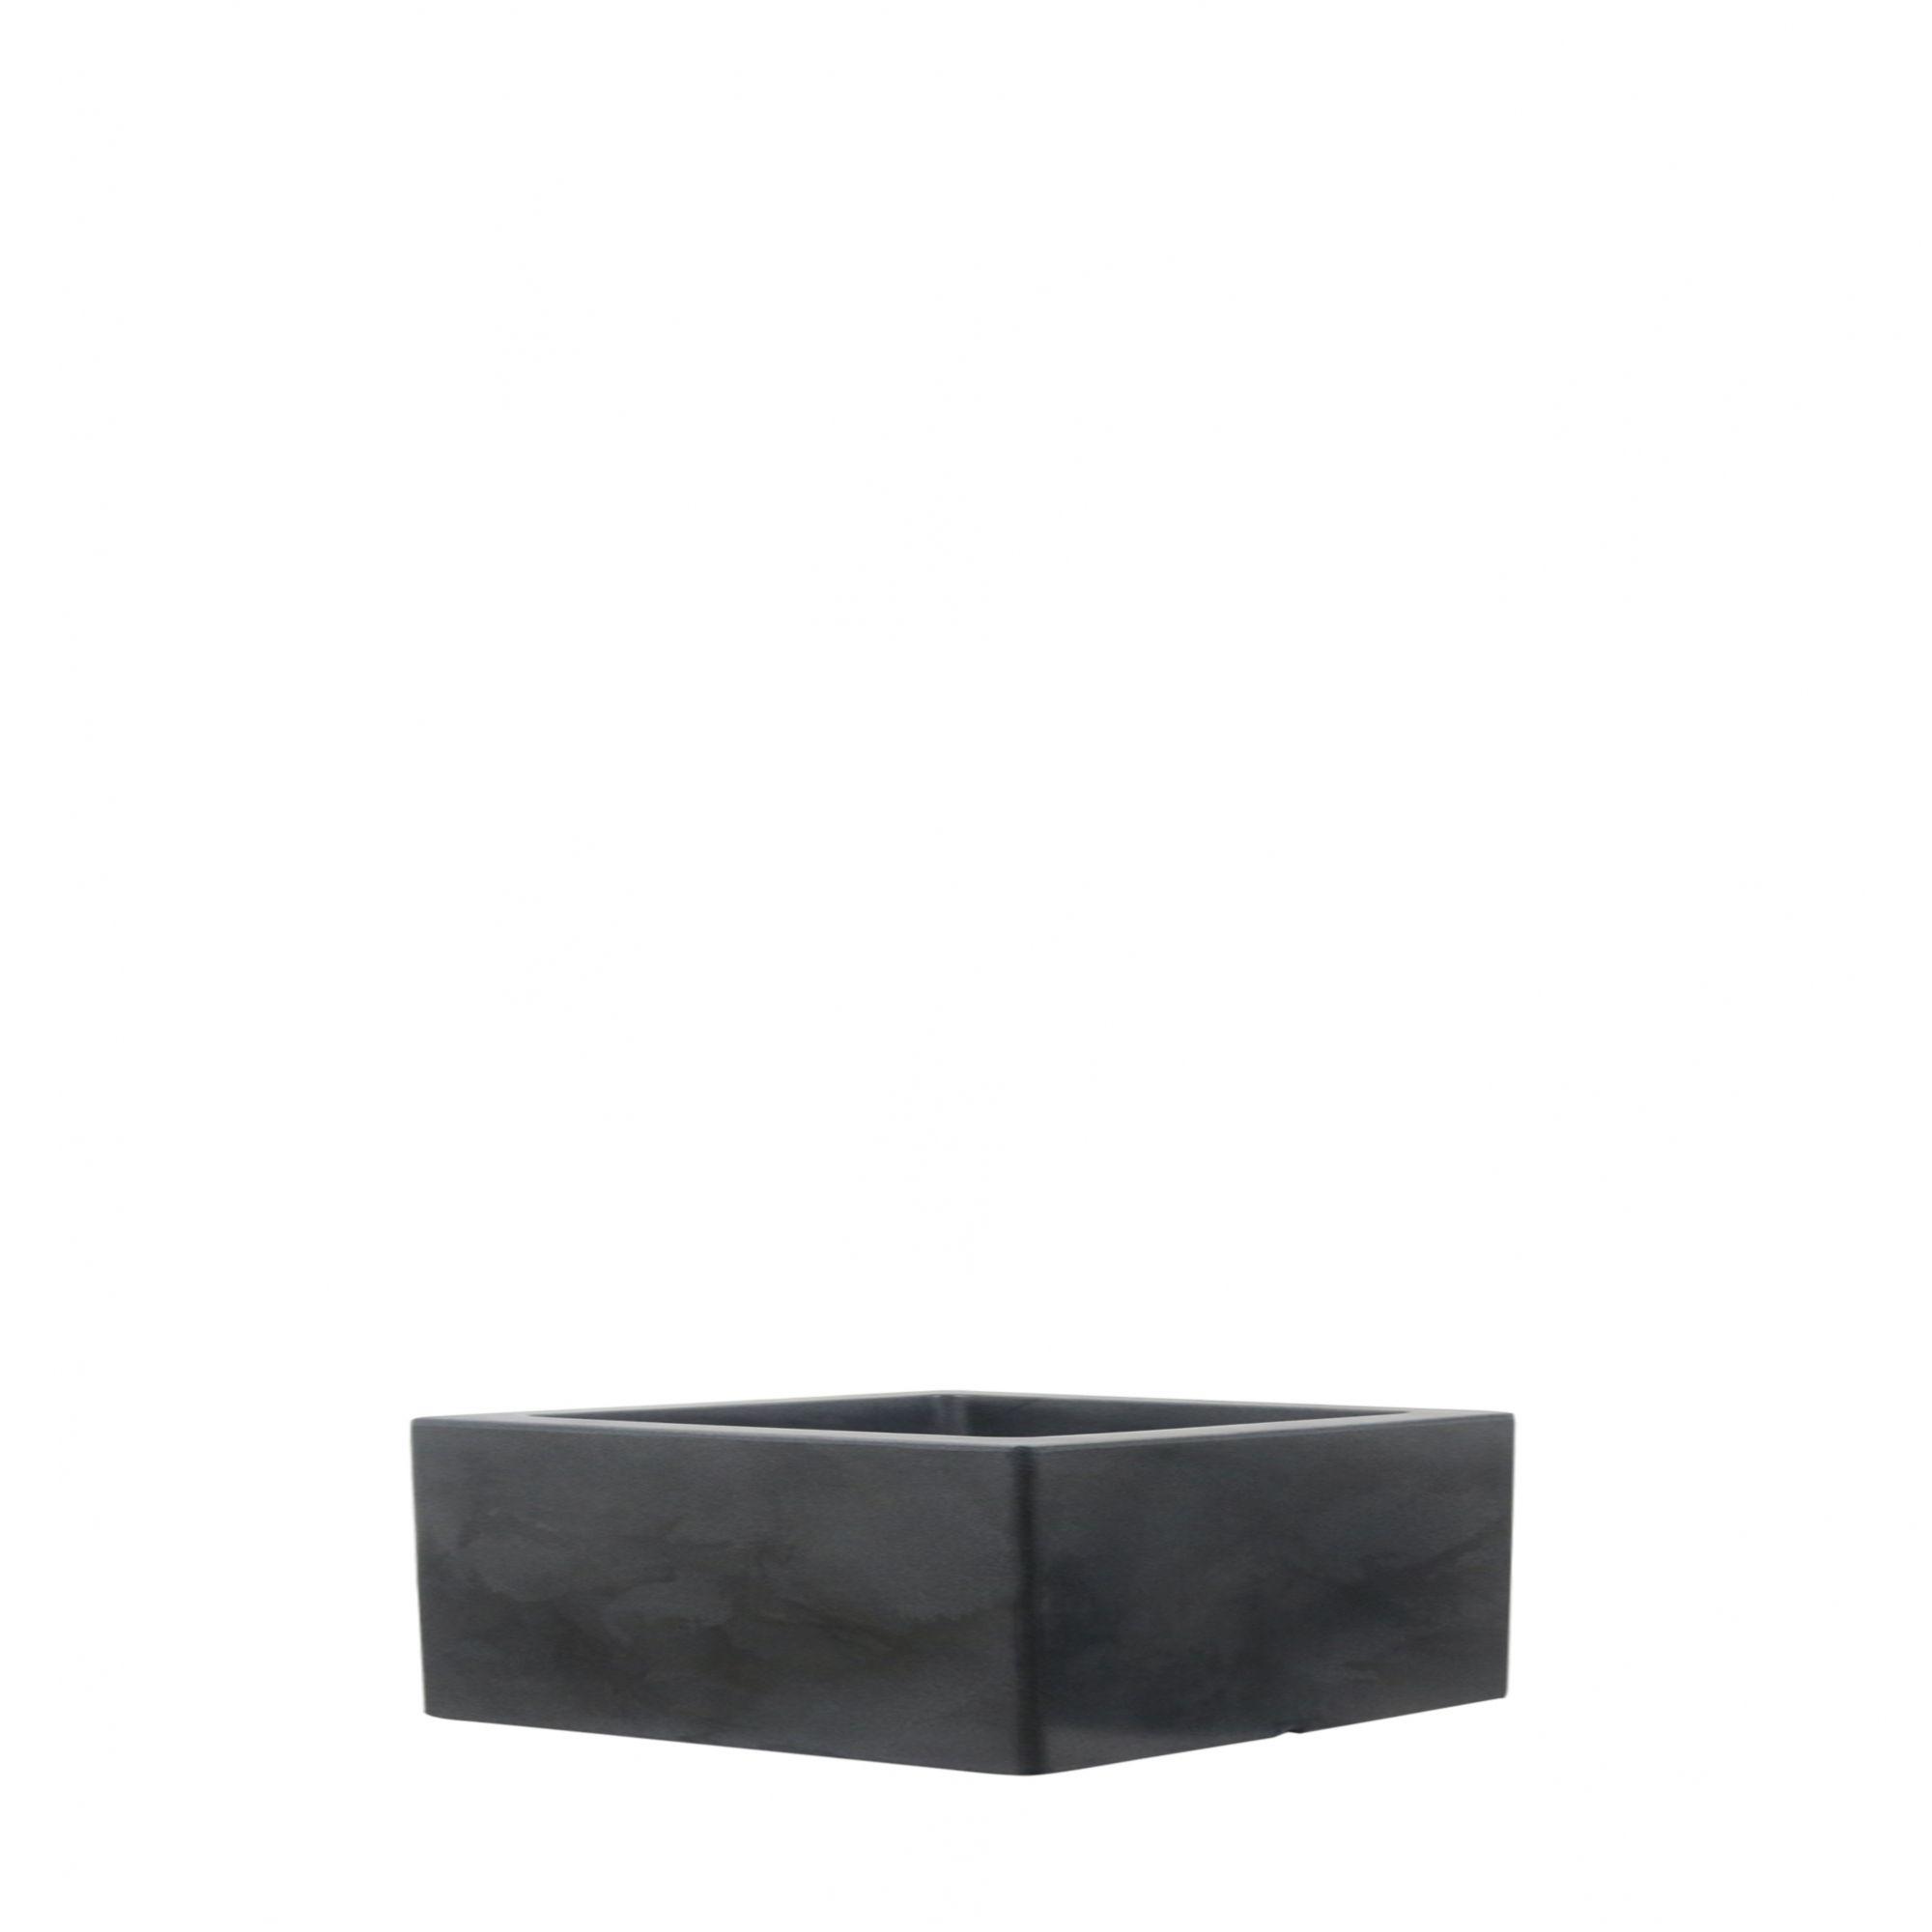 Vaso Cubo 80 x 30 cm - VASART